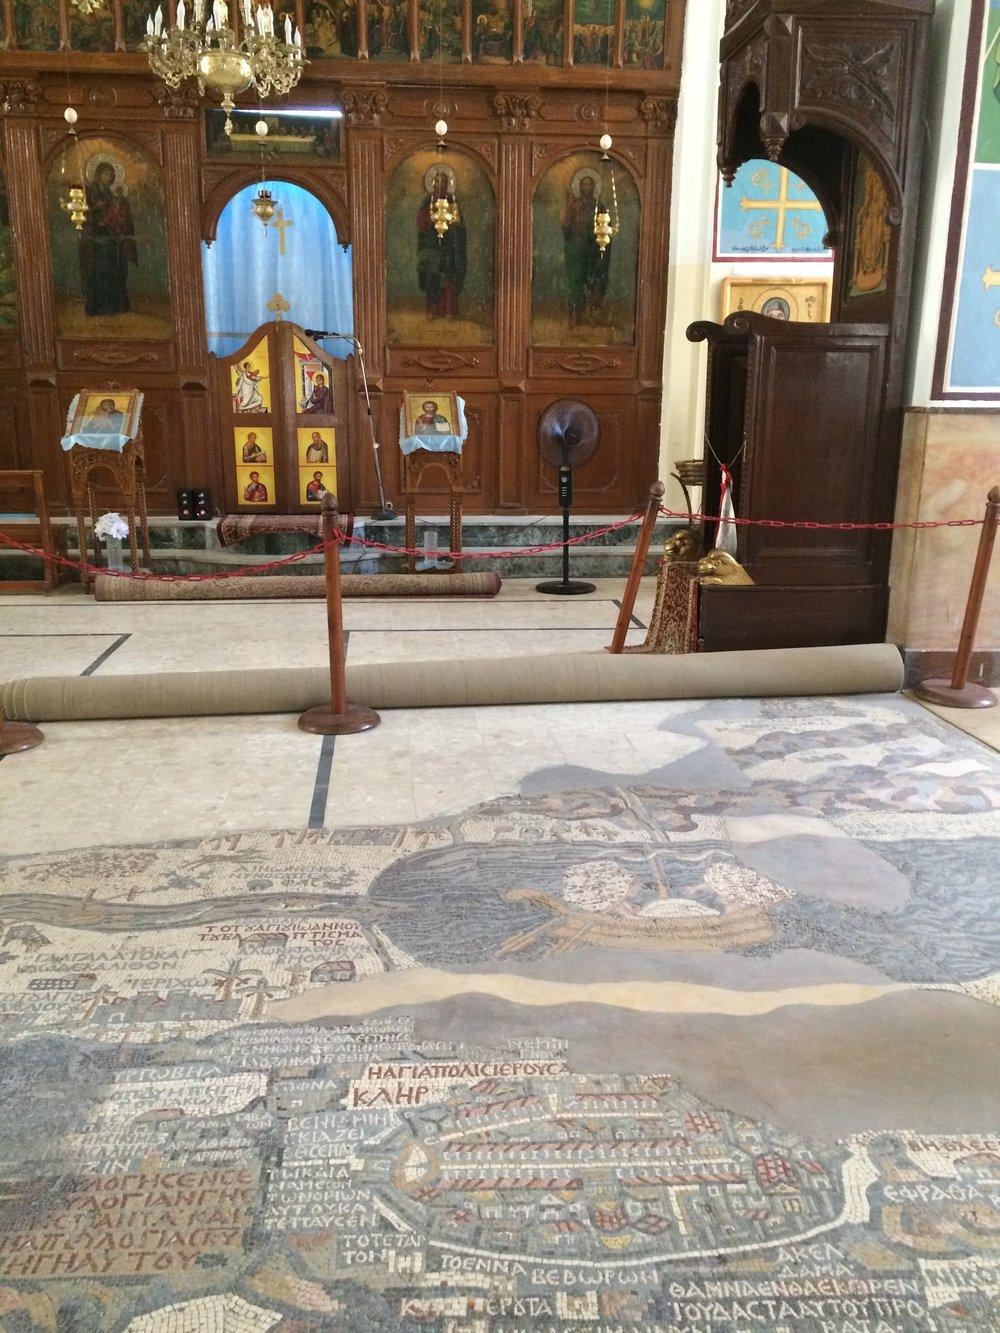 W cerkwi oprócz mapy znajdują się również inne mozaiki oraz ikony.